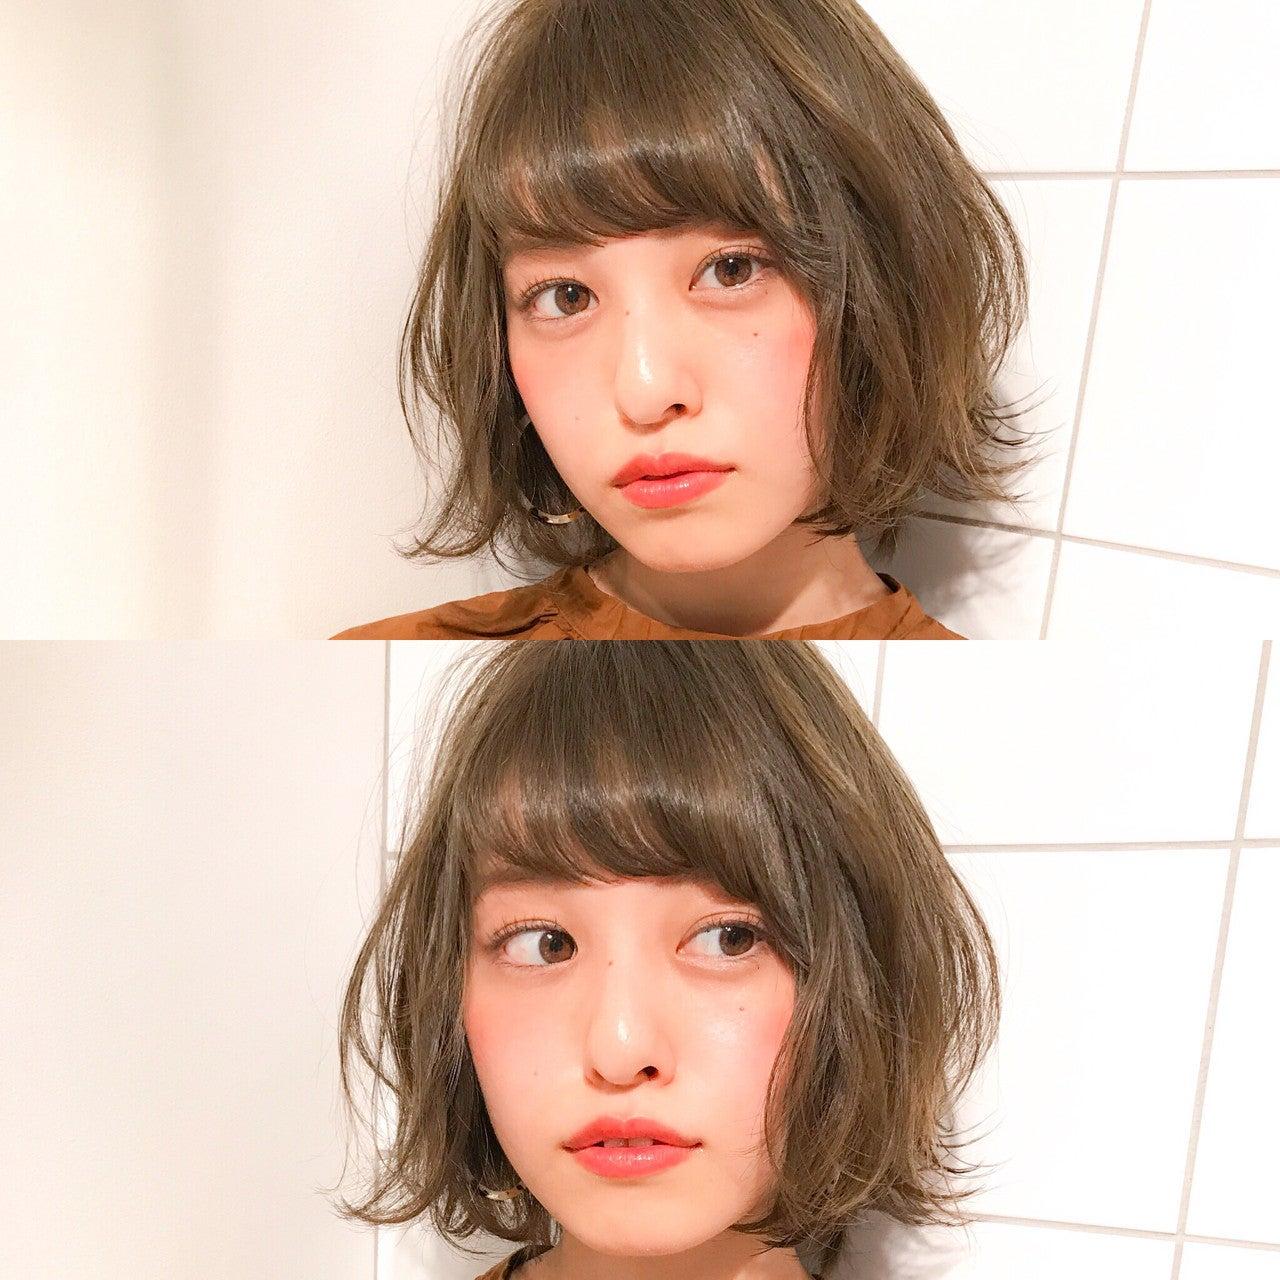 ベース 顔 前髪 【ベース型さん向け前髪】たった2つのポイントで小顔になれる♡